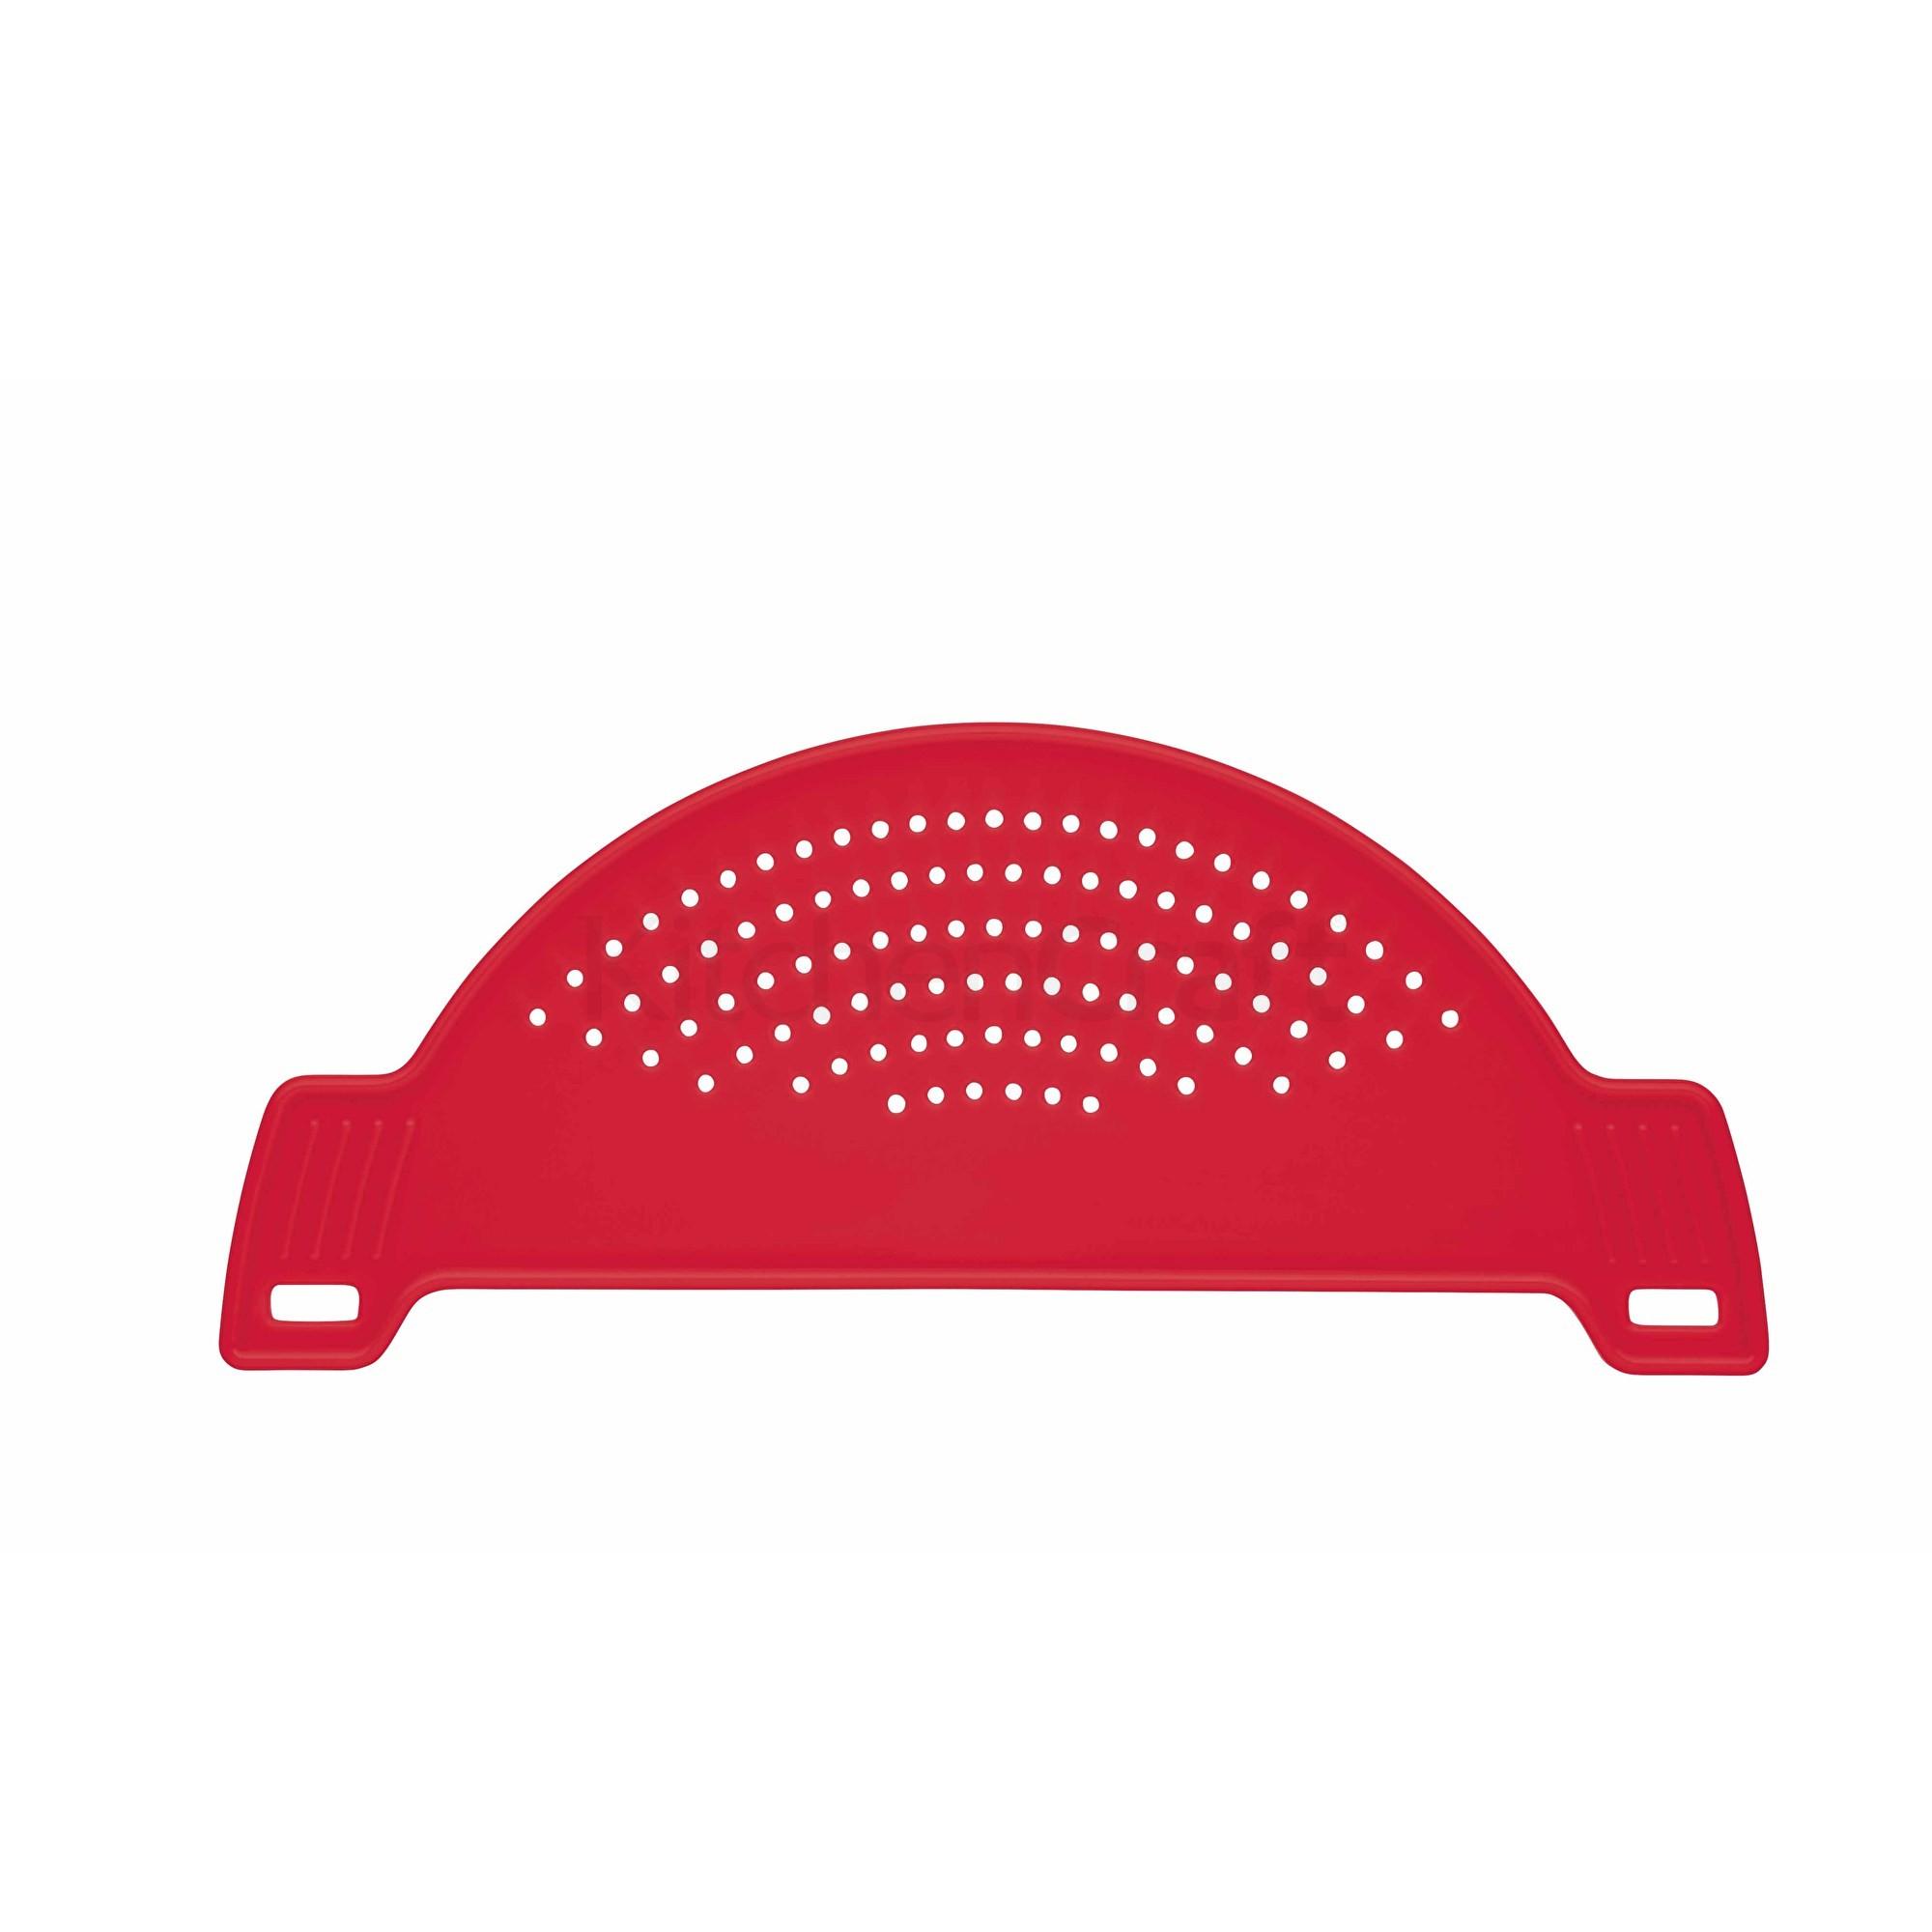 Σουρωτήρι Κατσαρόλας Πλαστικό Κόκκινο Colorworks Kitchencraft home   εργαλεια κουζινας   σουρωτήρια